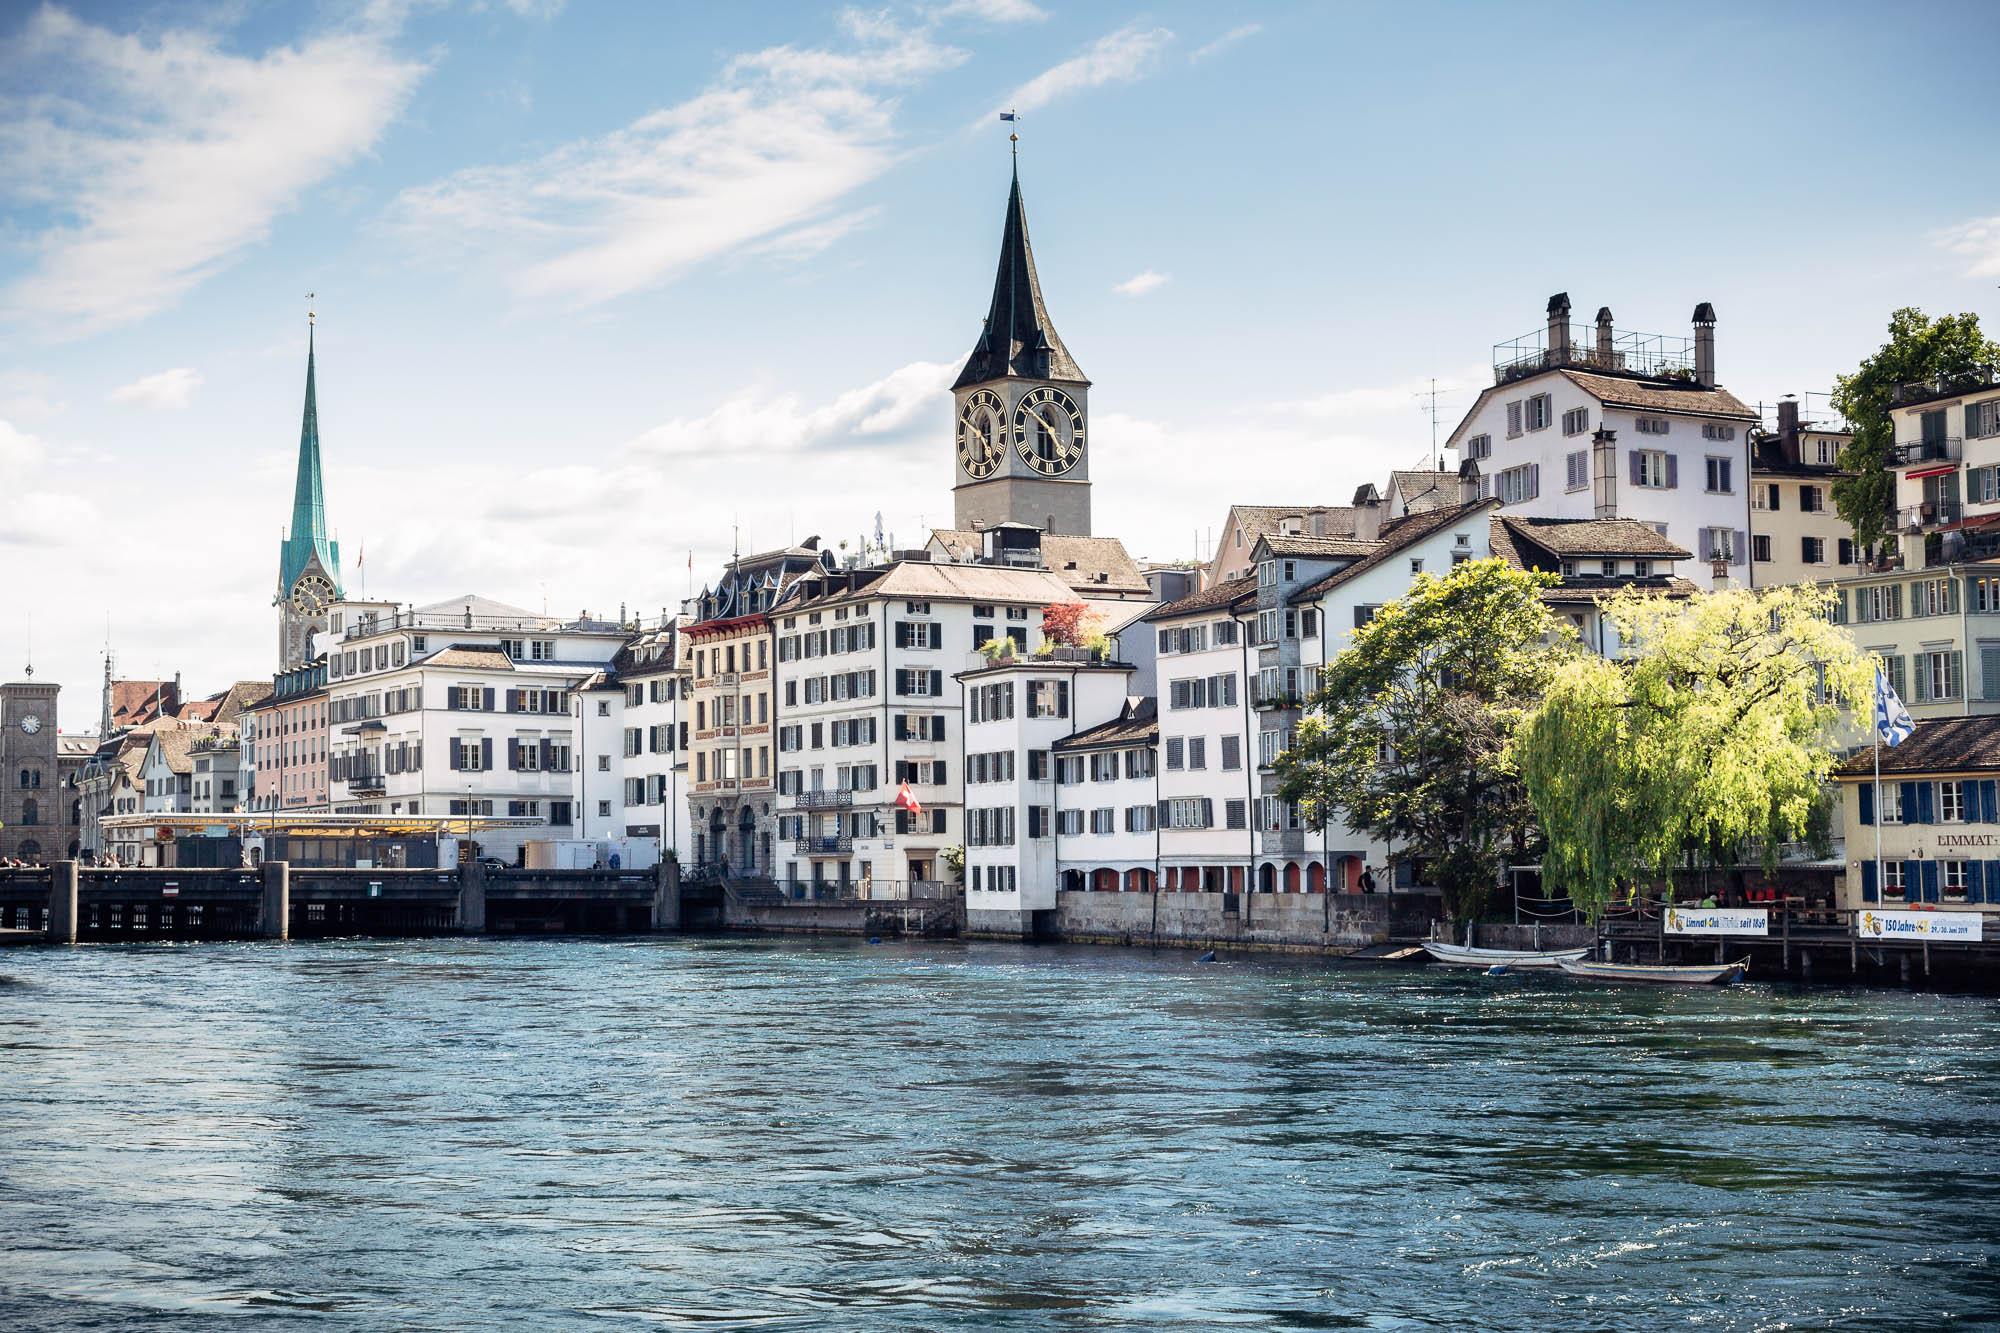 Sicht auf Limmat und Altstadt in Zürich